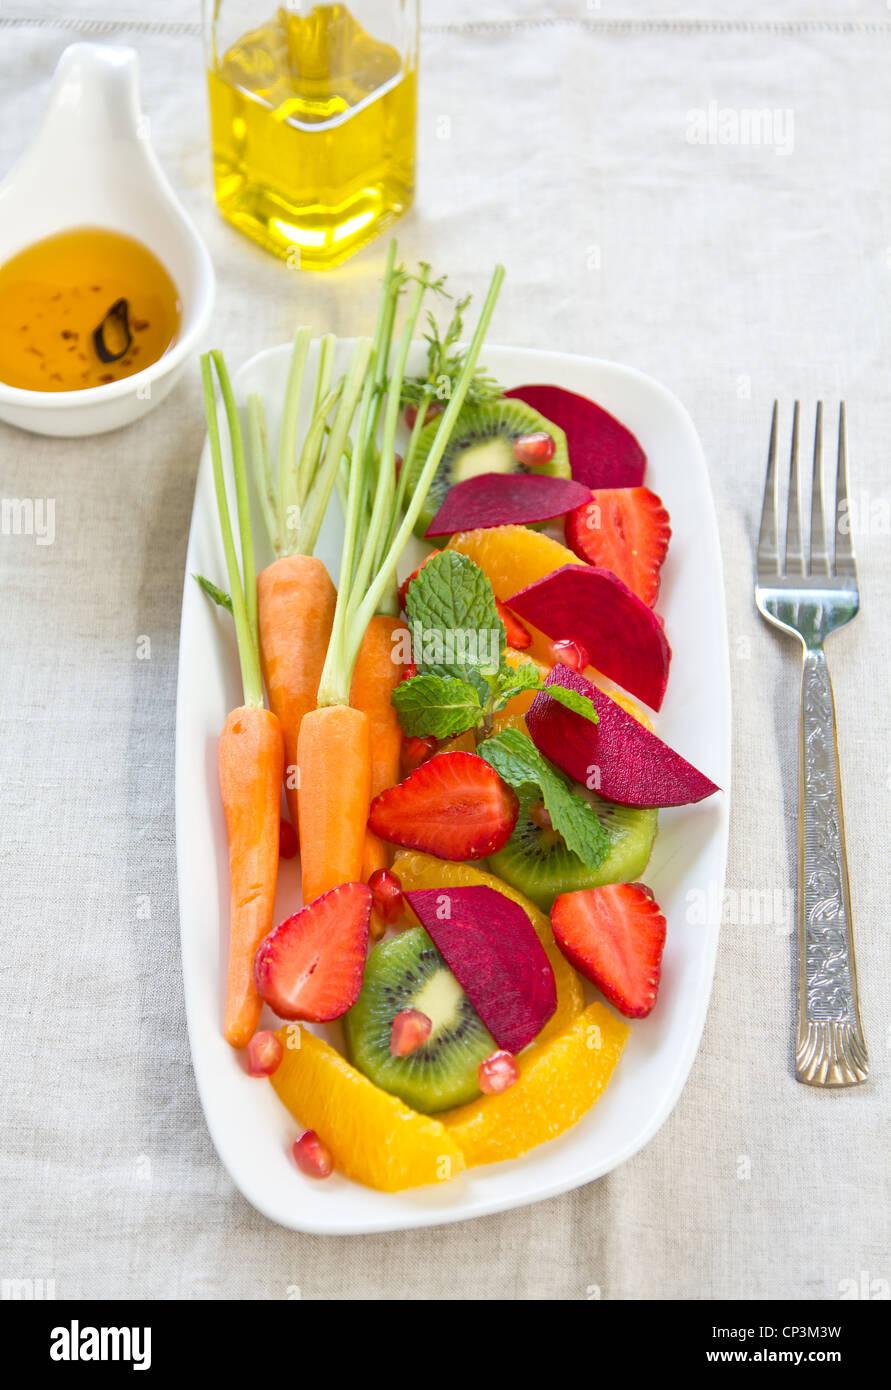 Super salad [Strawberry,kiwi,beet,orange] - Stock Image